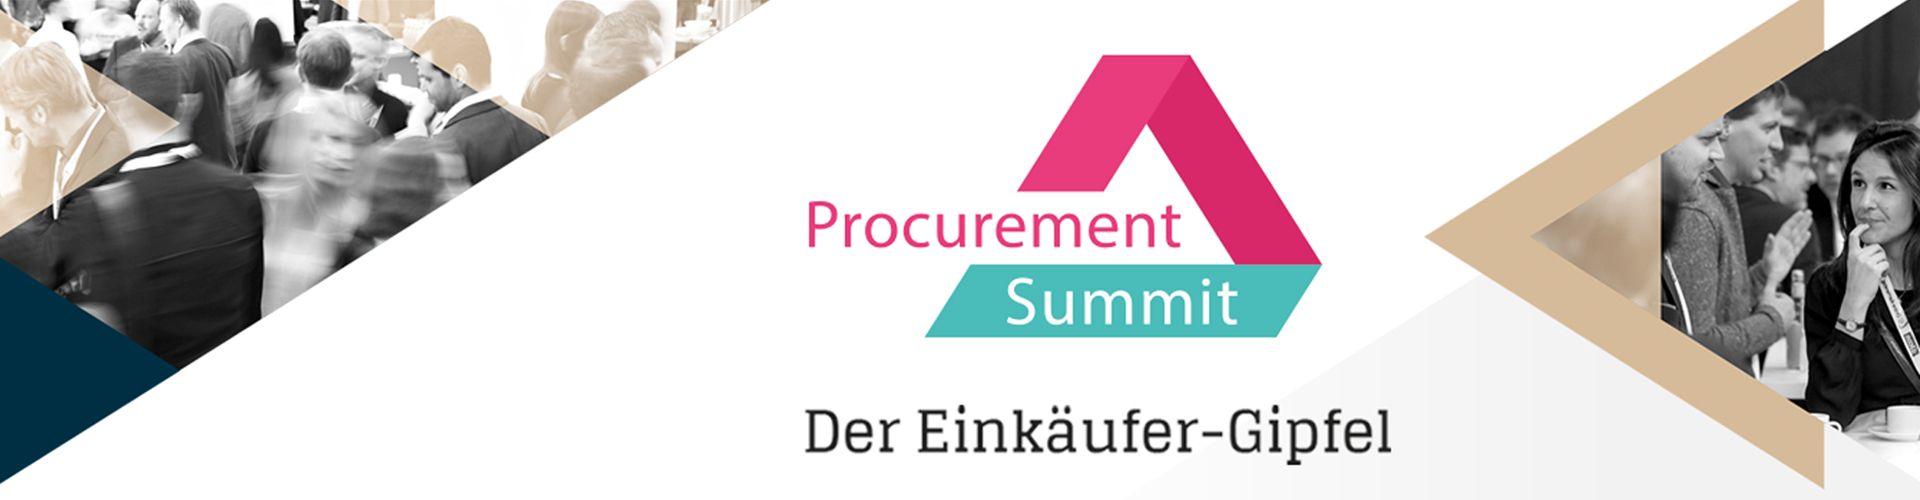 Procurement Summit mit Onventis